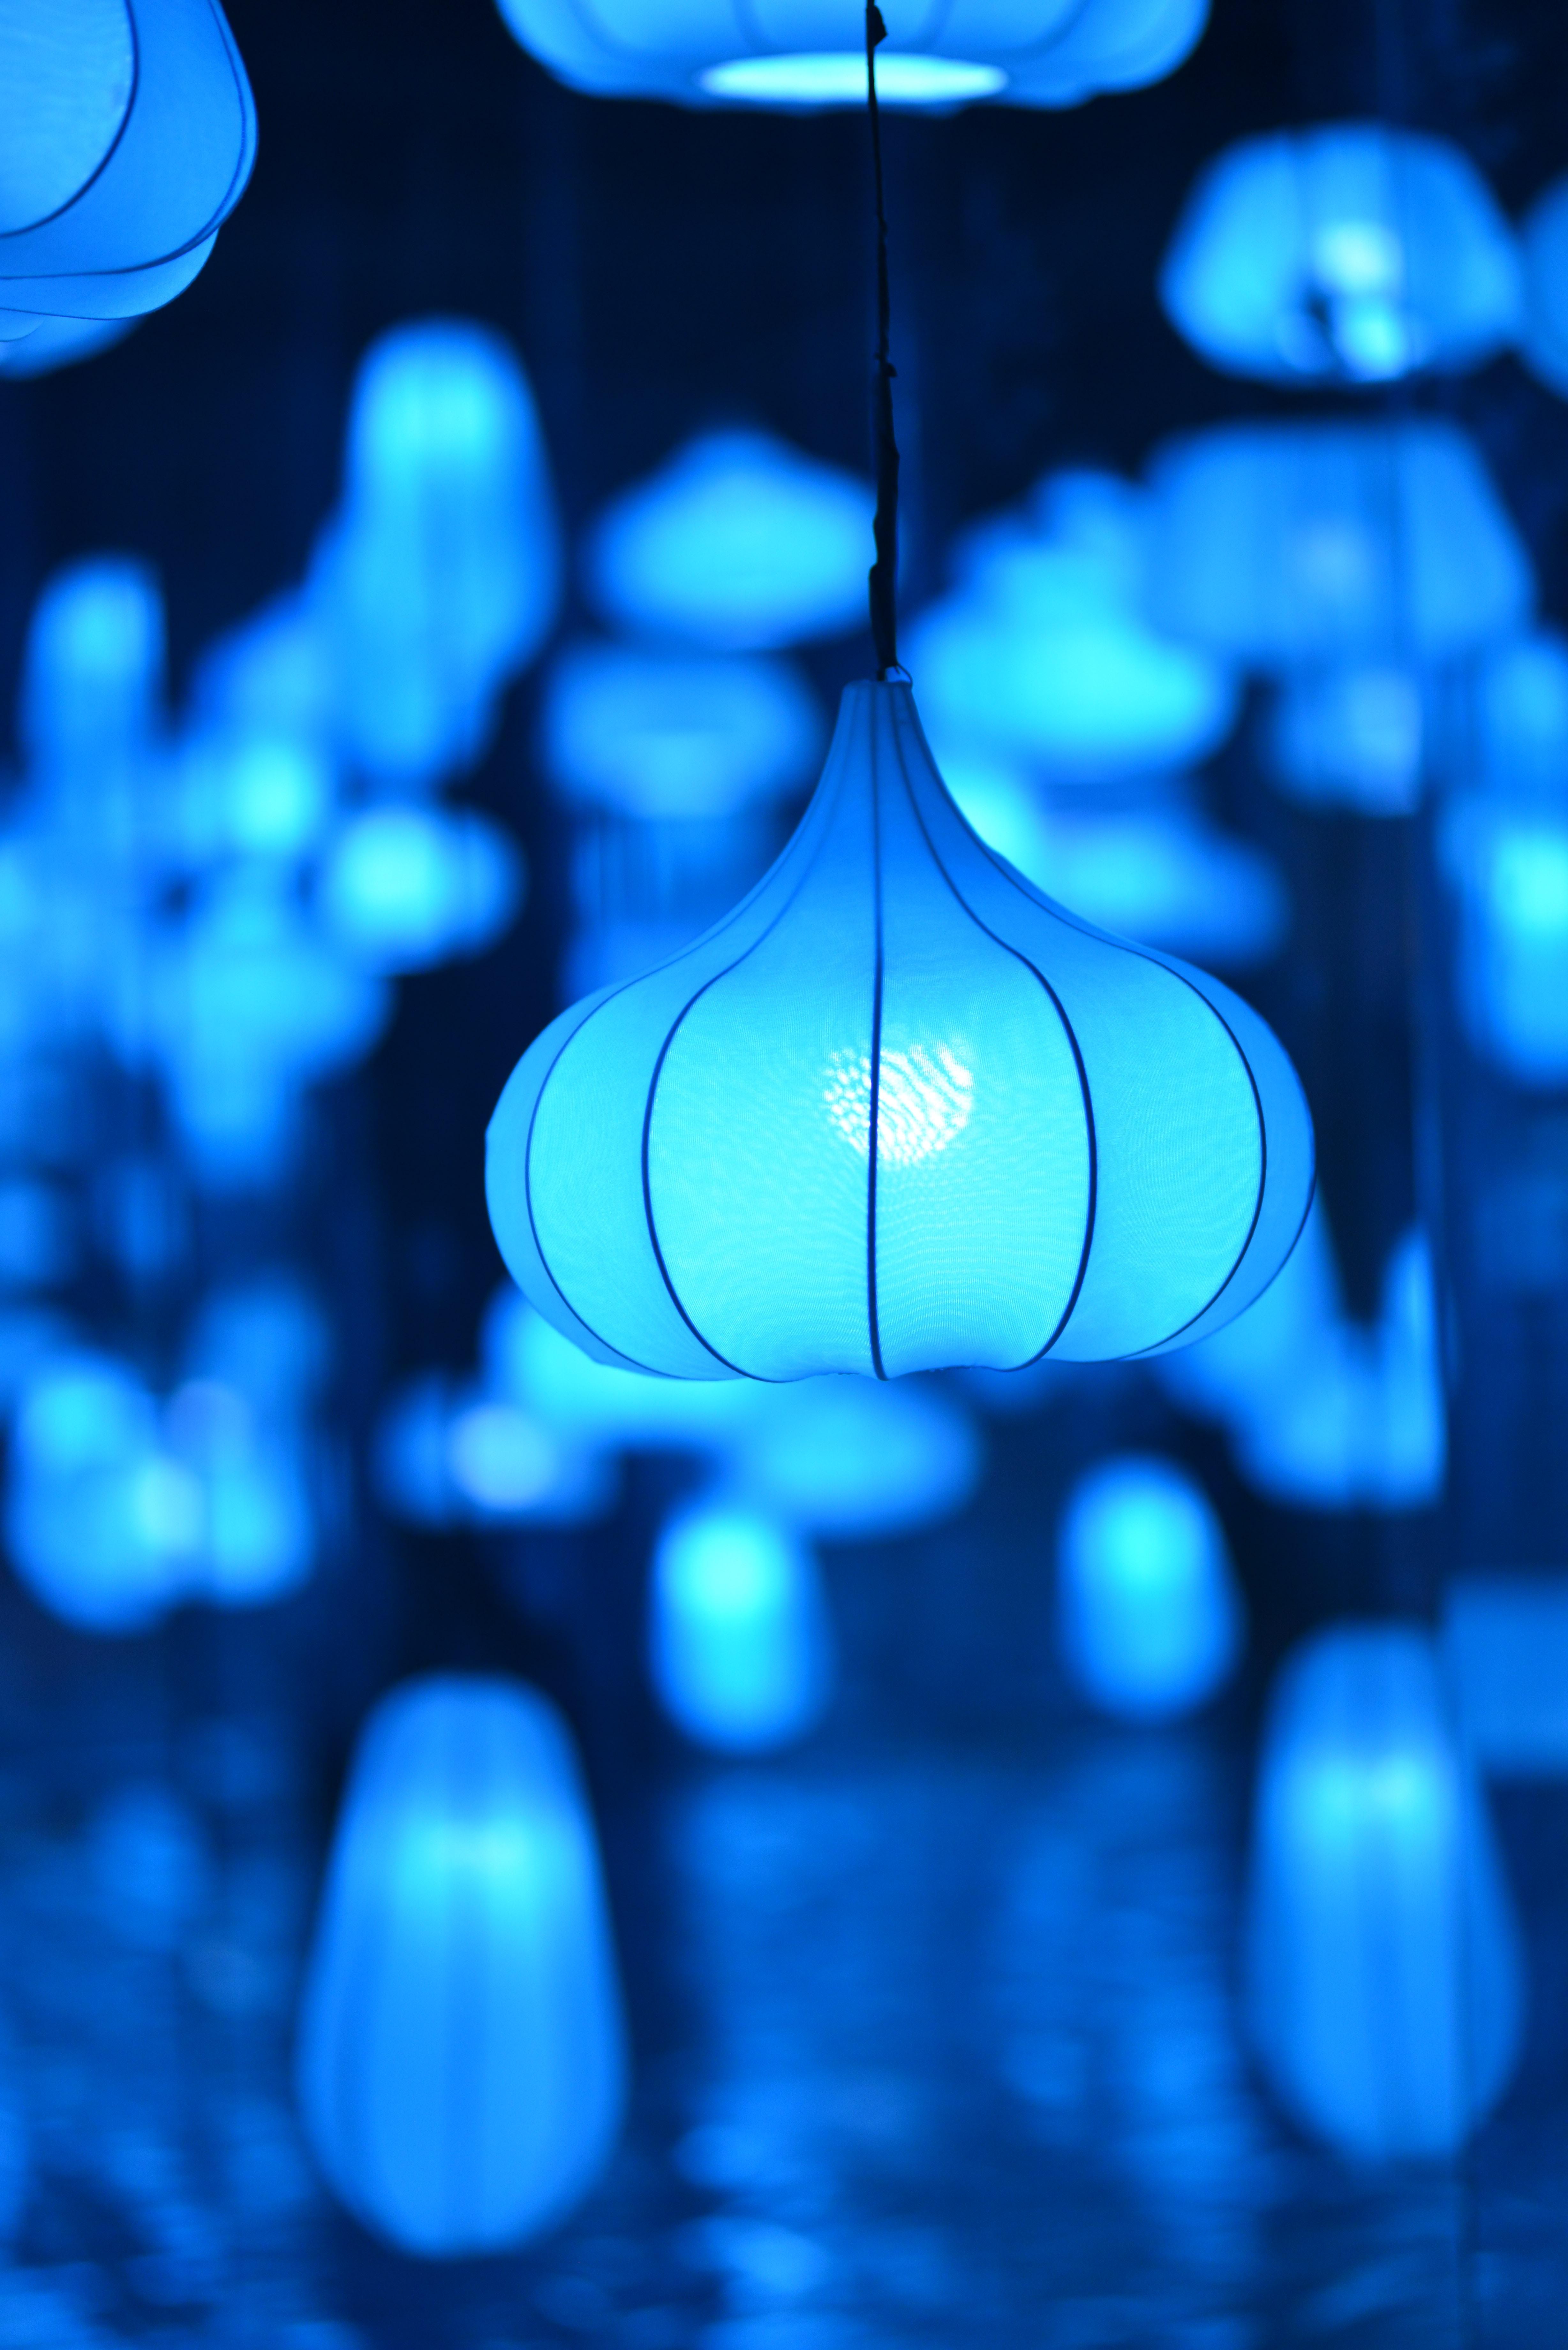 119953 скачать обои Голубой, Разное, Лампа, Освещение, Светильник, Абажур - заставки и картинки бесплатно